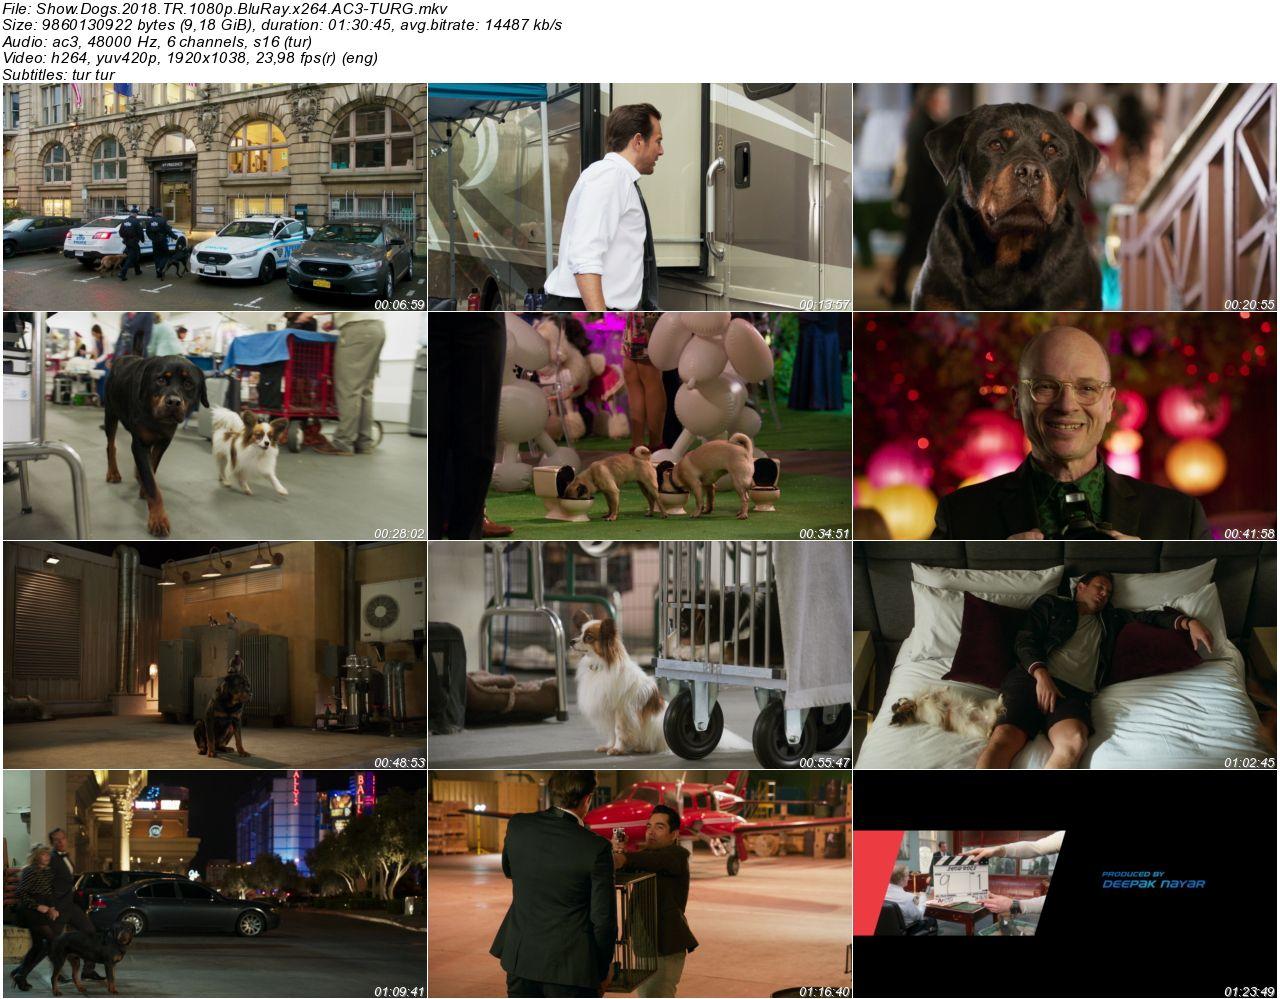 Show Dogs 2018 - 1080p 720p 480p - Türkçe Dublaj Tek Link indir